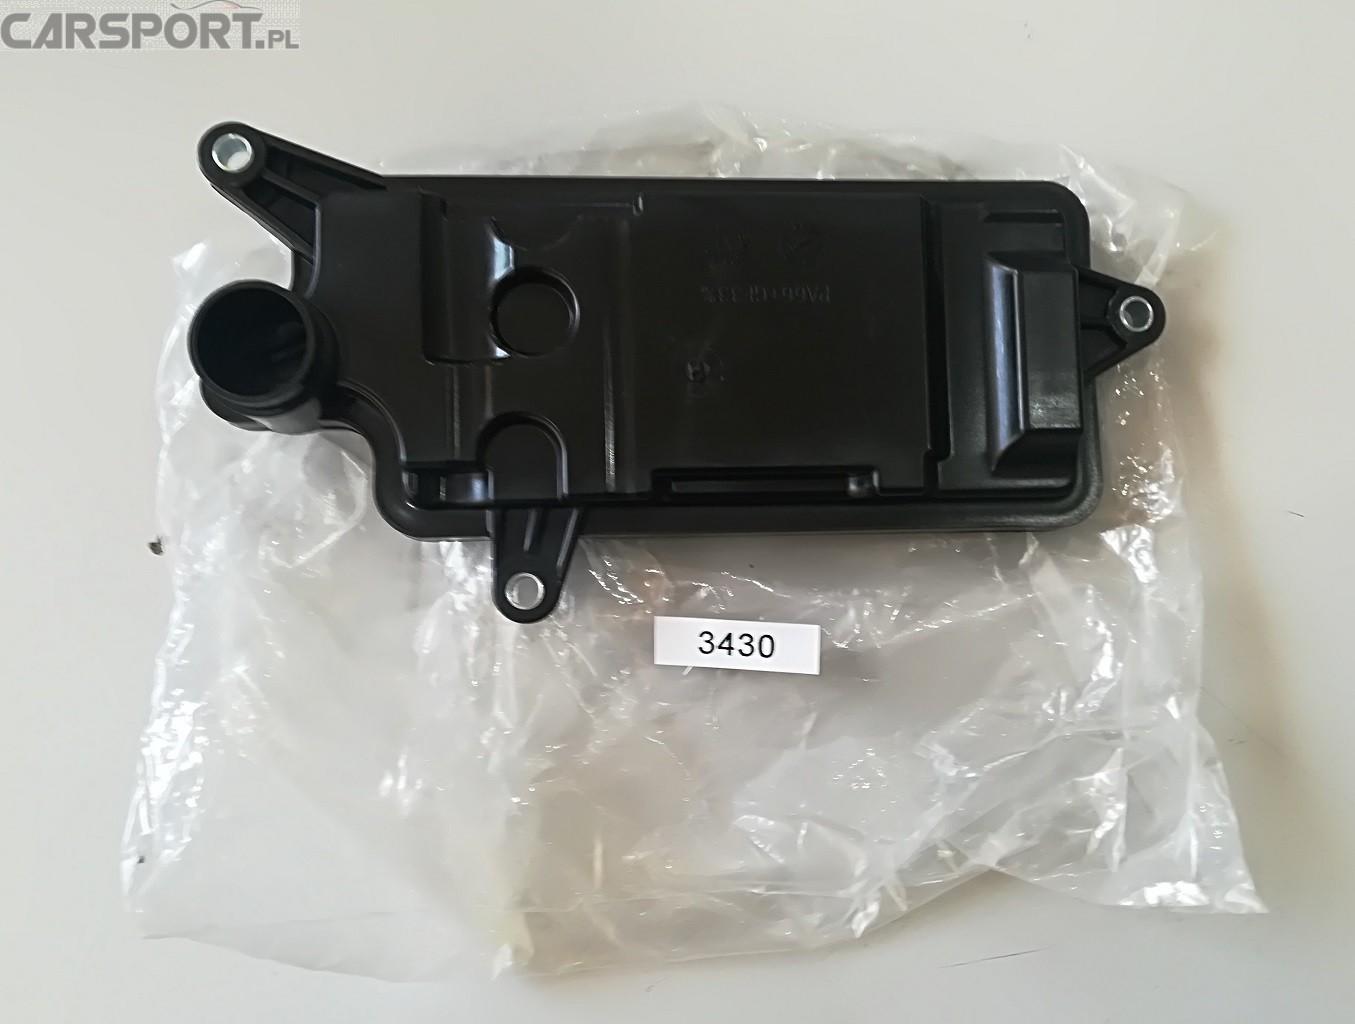 Filtr wewnętrzny Subaru automatycznej skrzyni biegów 5EAT